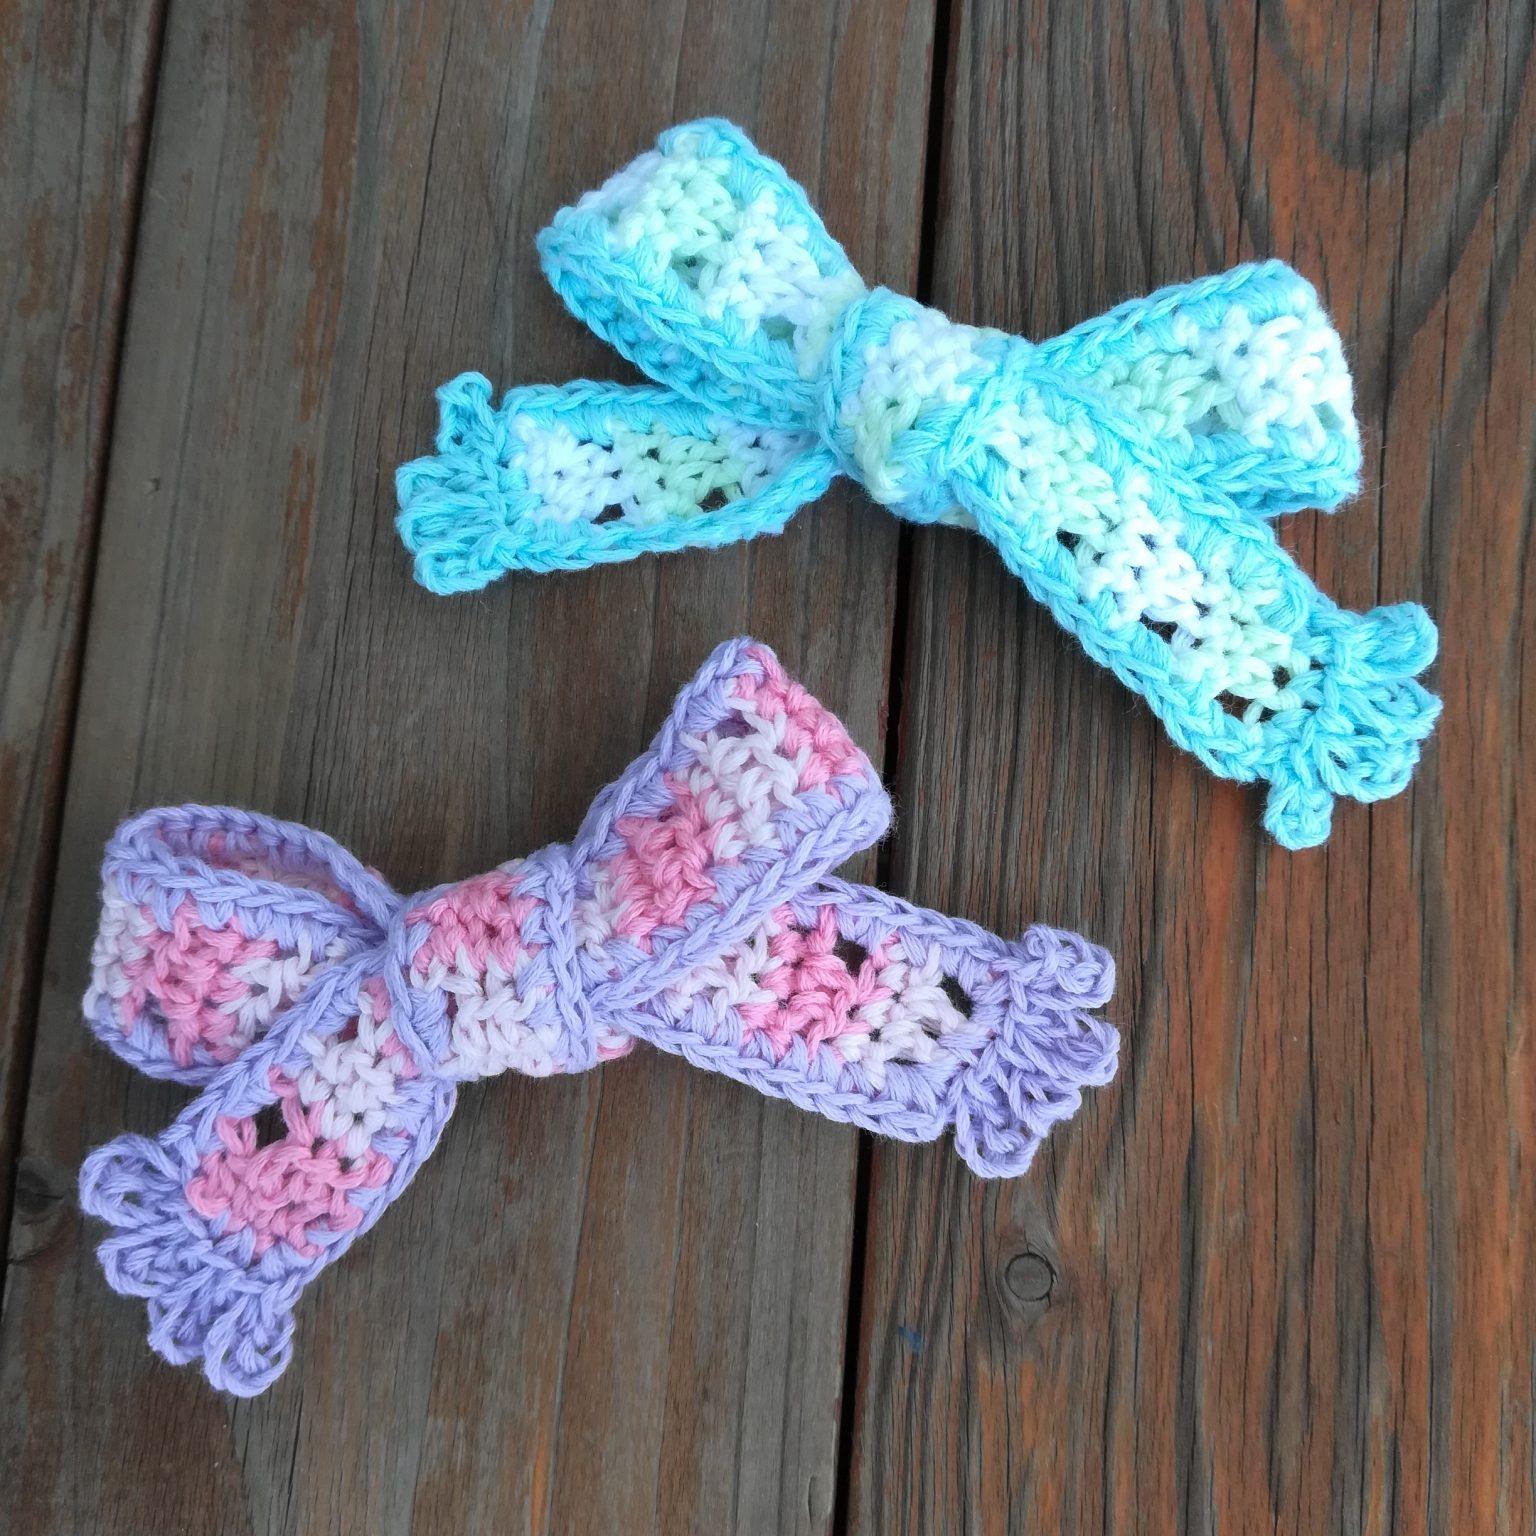 刺繍糸でかぎ針編み「バレンタインデーにも「しましまリボン」」の編み方